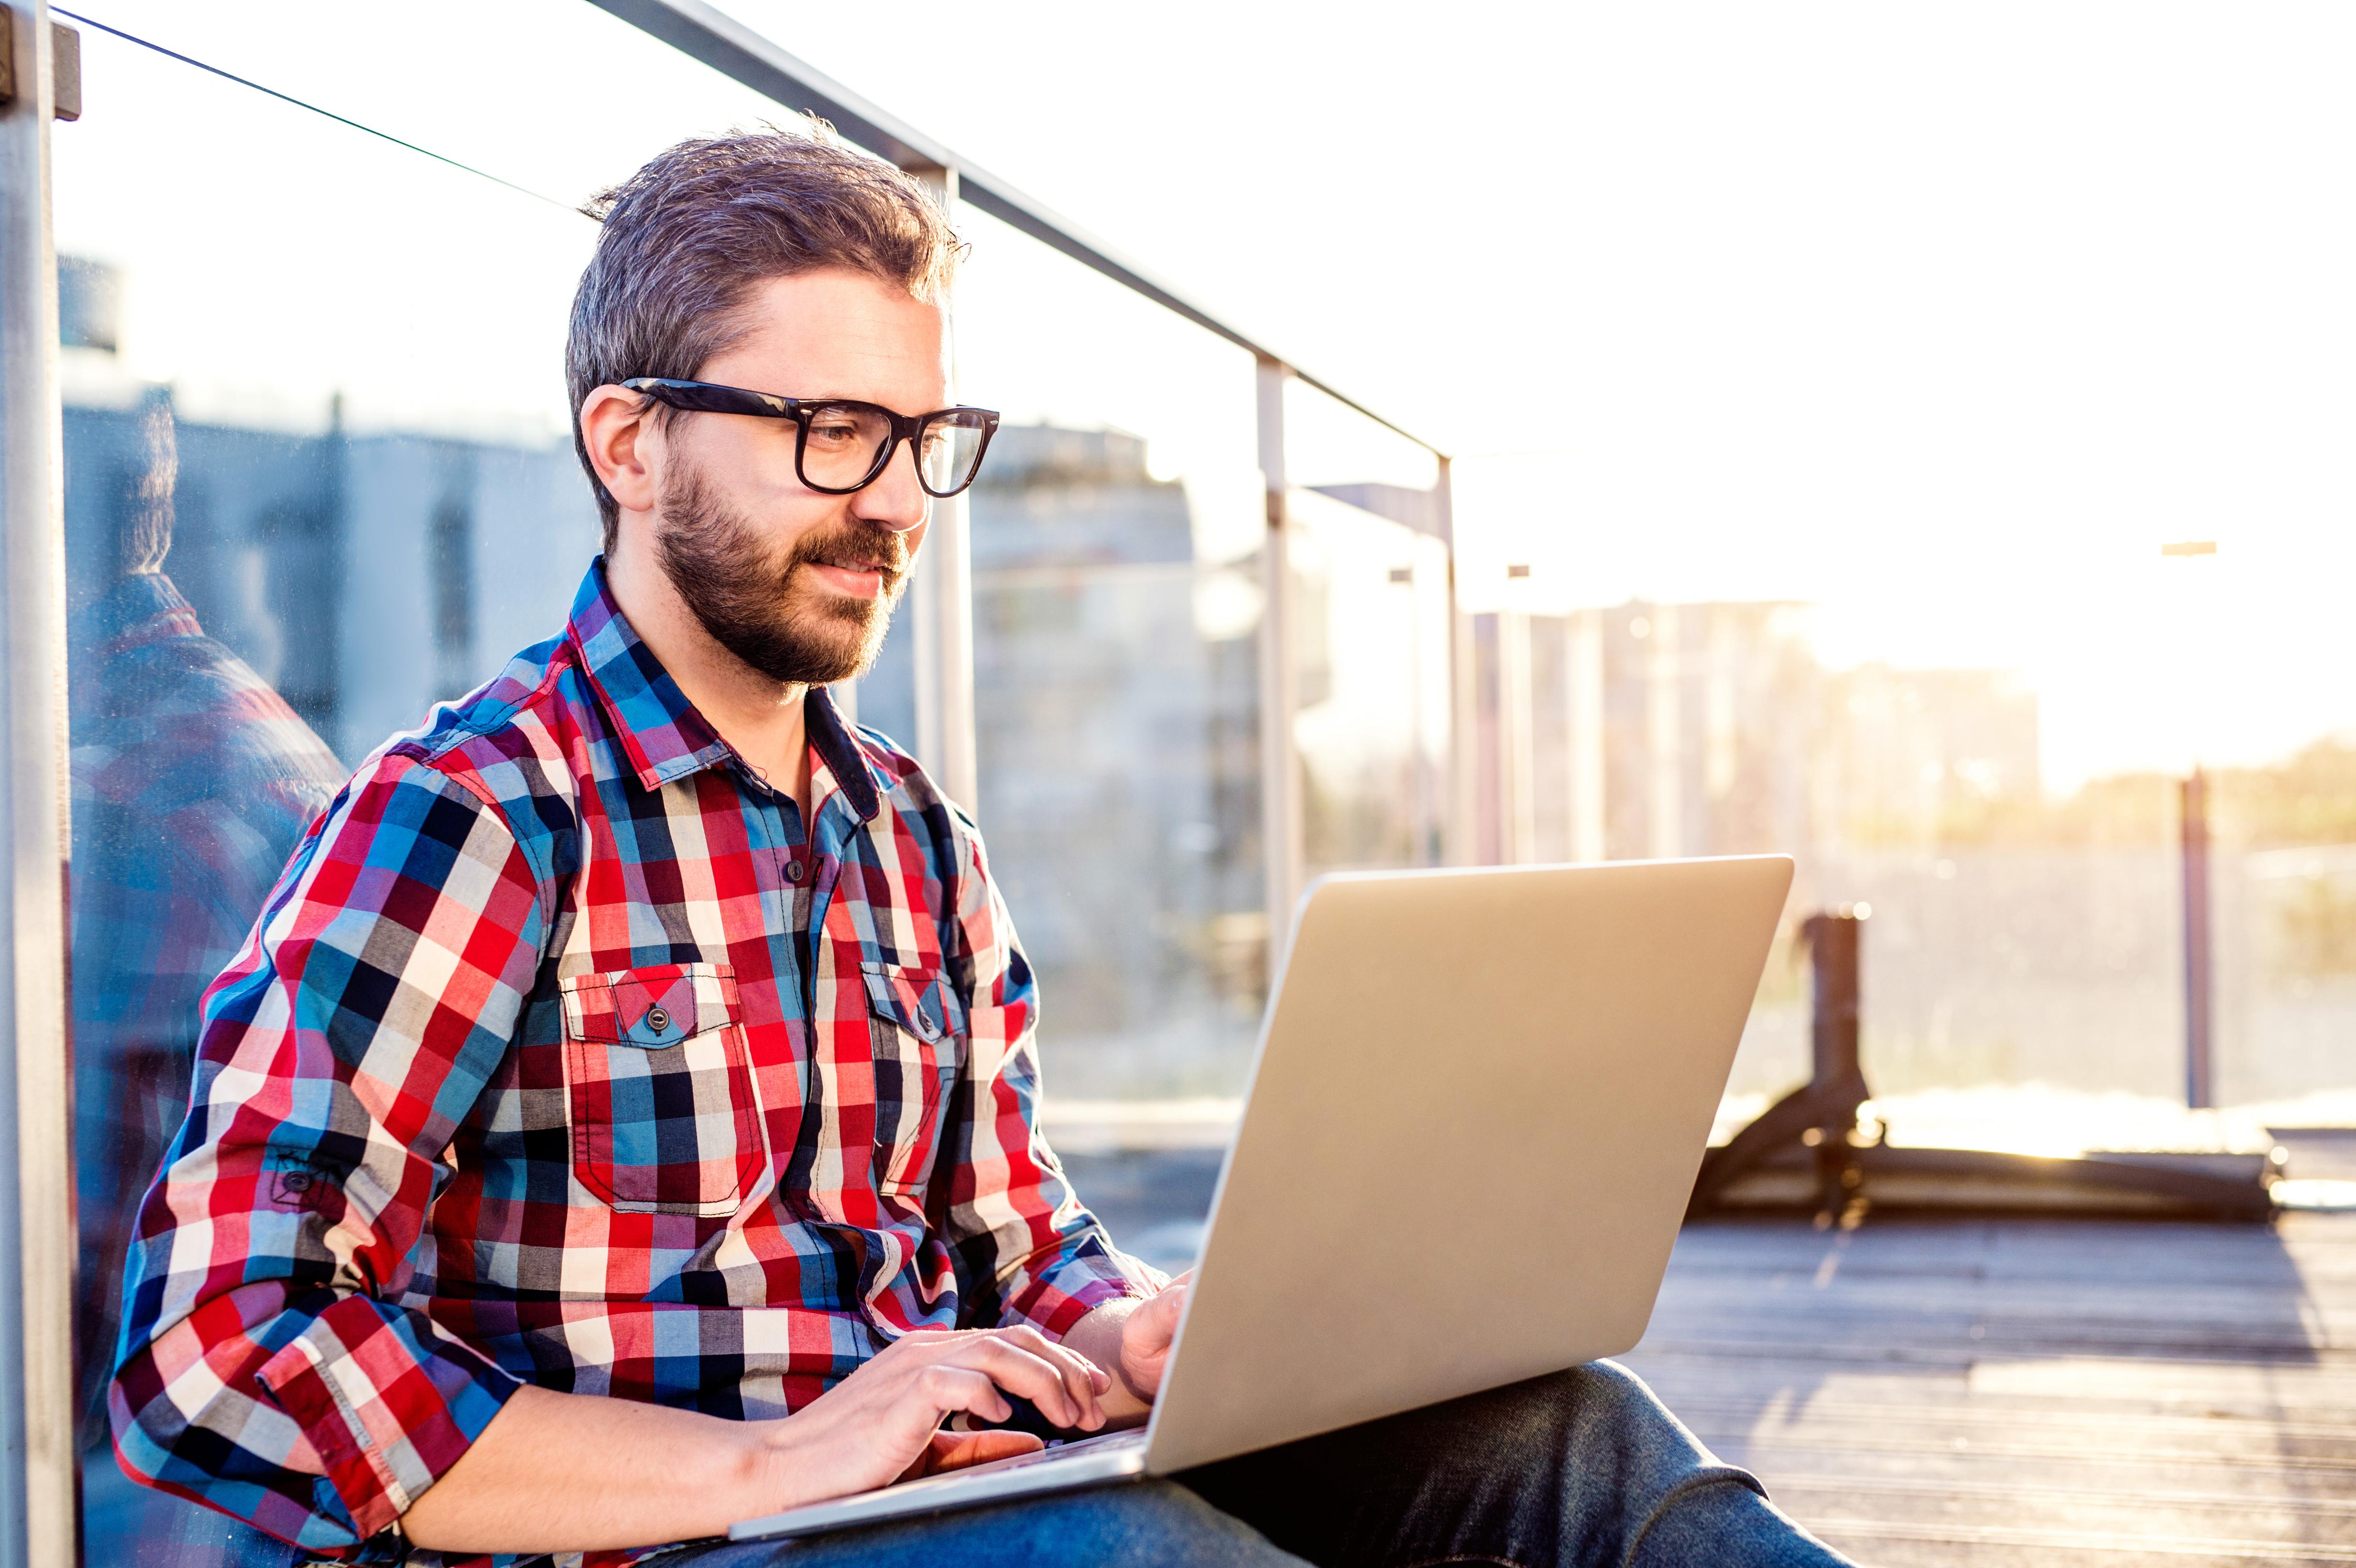 Construcción de networking y posicionamiento para escritores